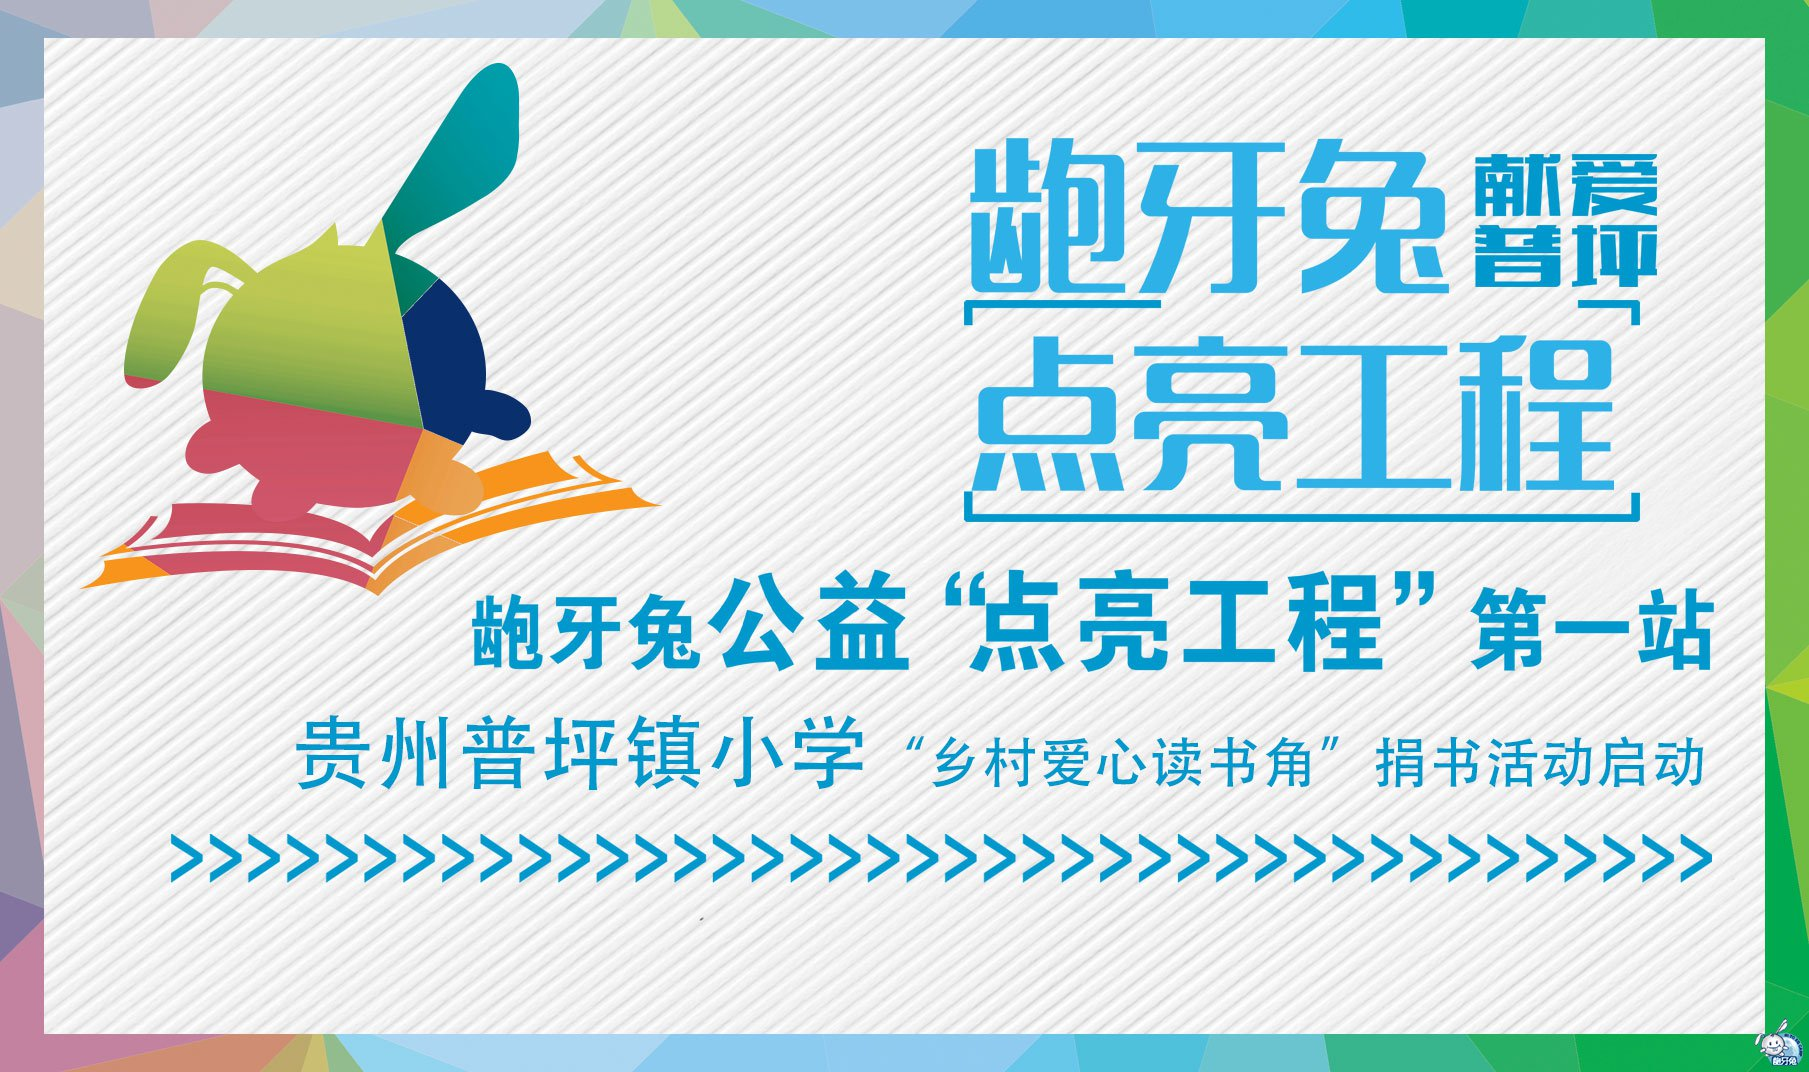 龙8国际娱乐官方网站手机版下载兔爱心